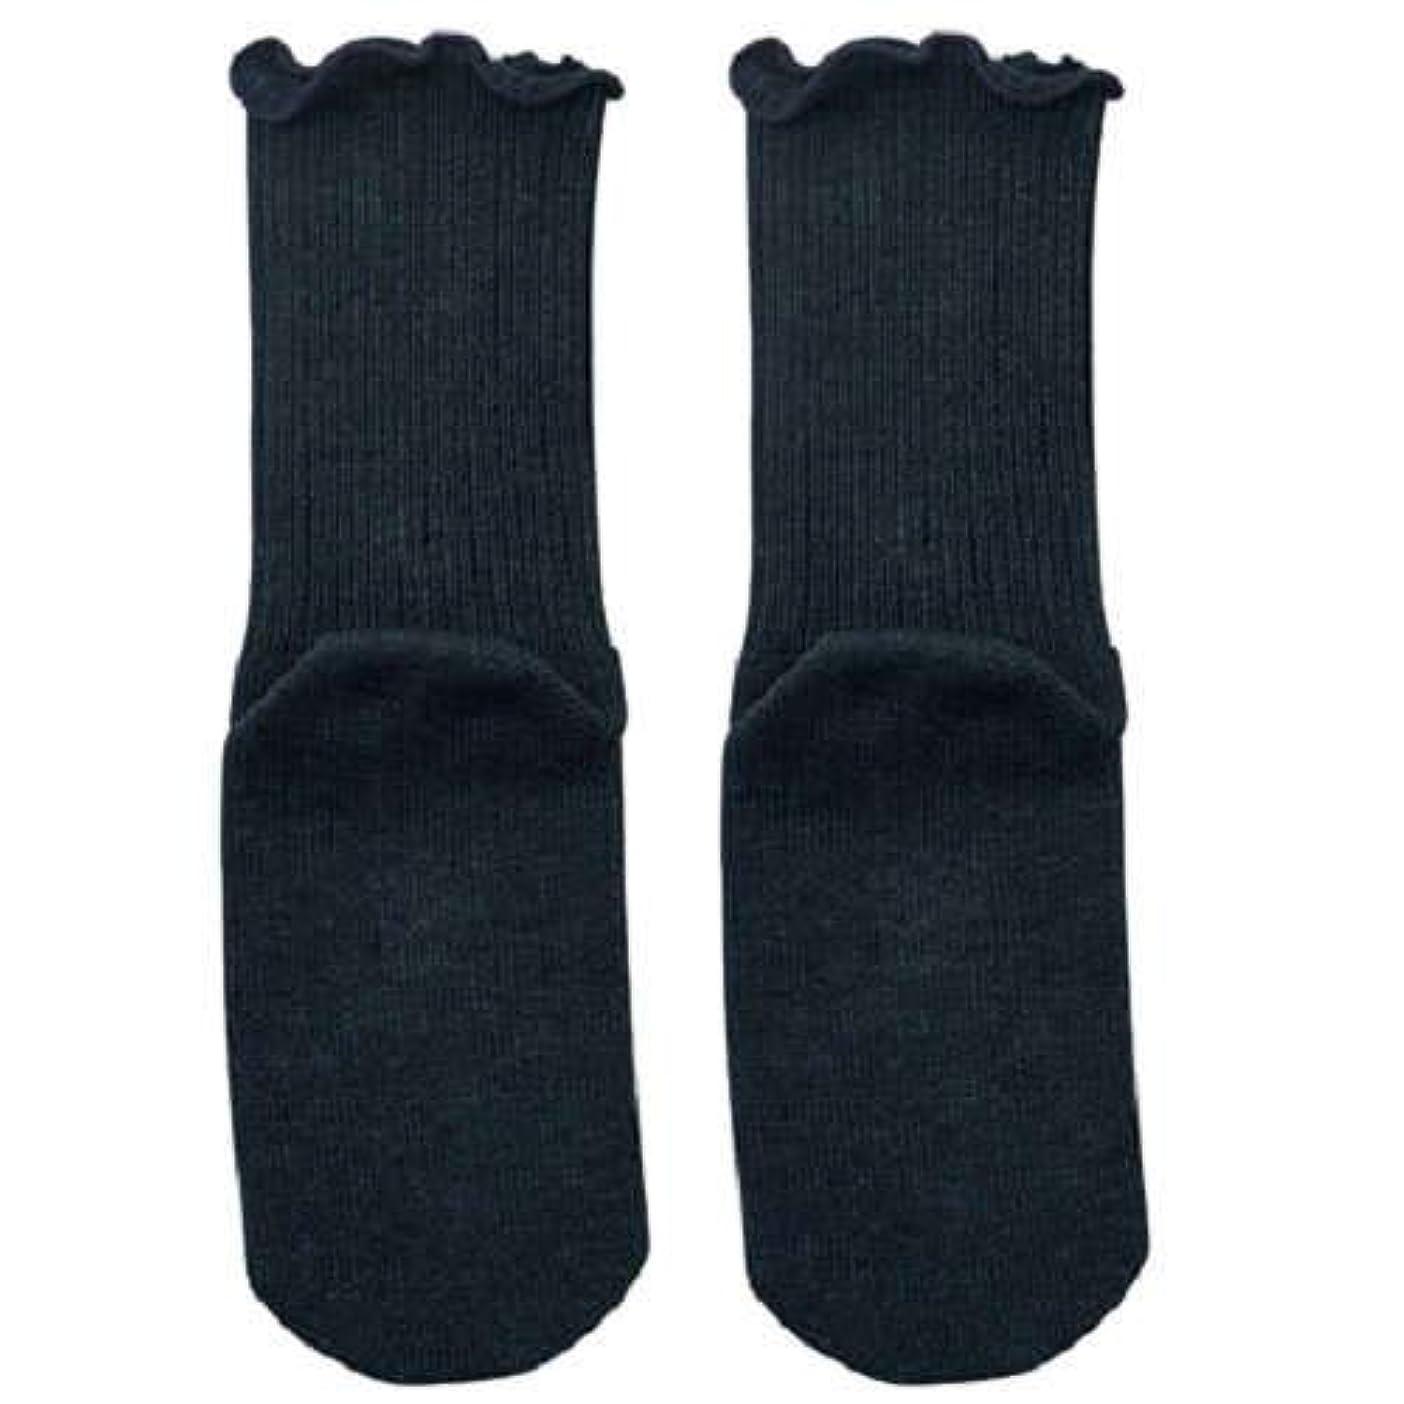 清めるプラカード高度【むくみ】【骨折】 男女兼用 極上しめつけません 特大サイズ 靴下 (チャコール)